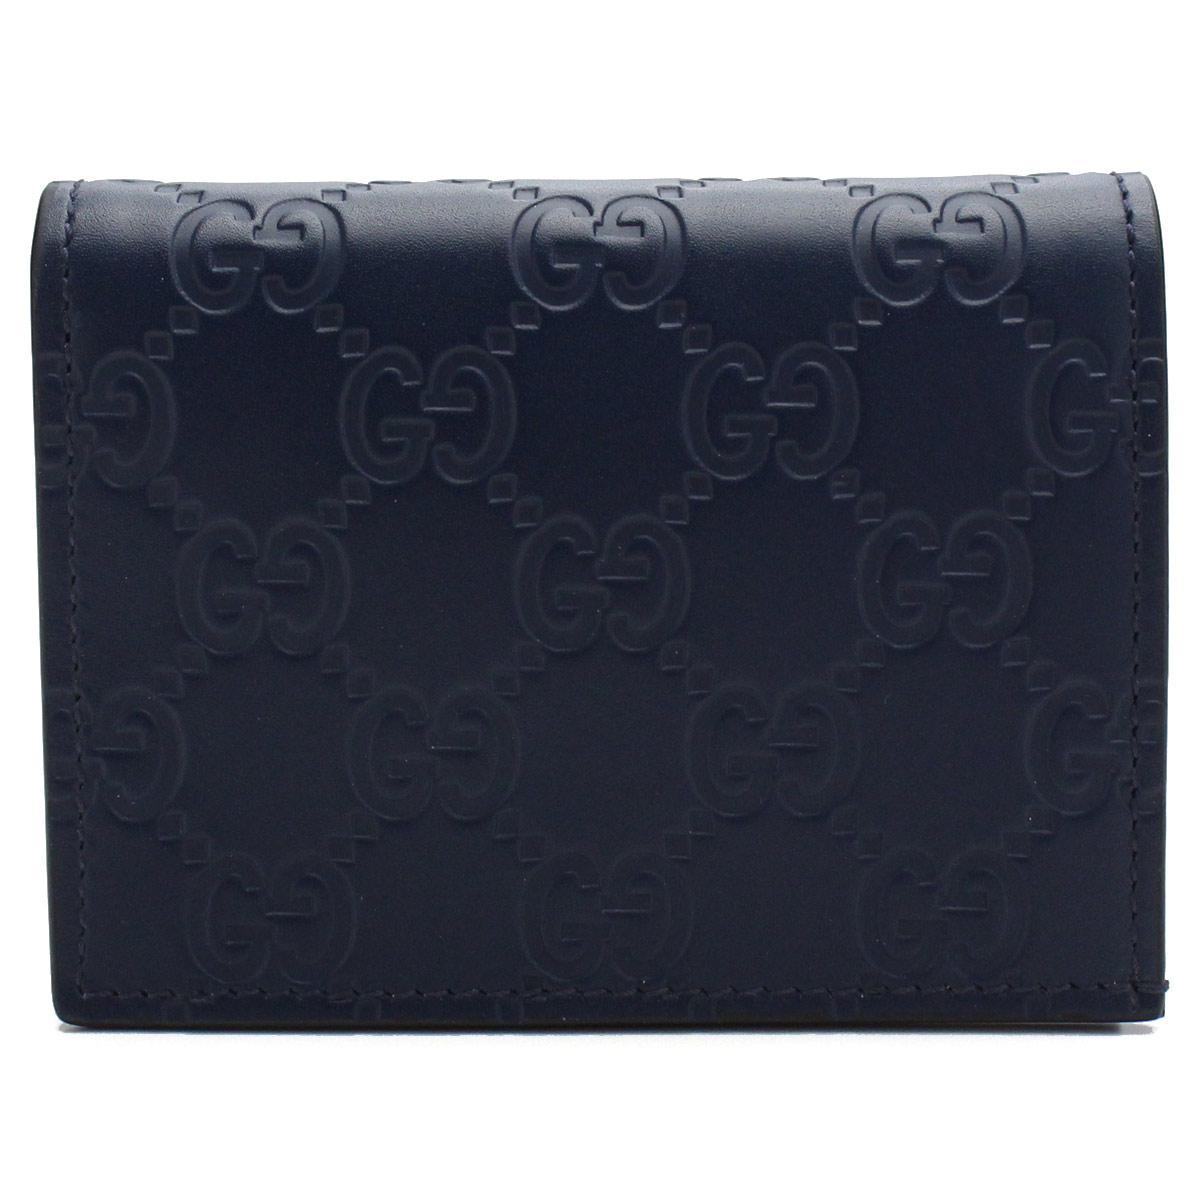 グッチ GUCCI 二つ折財布 410120-CWC1G 4157 レディース